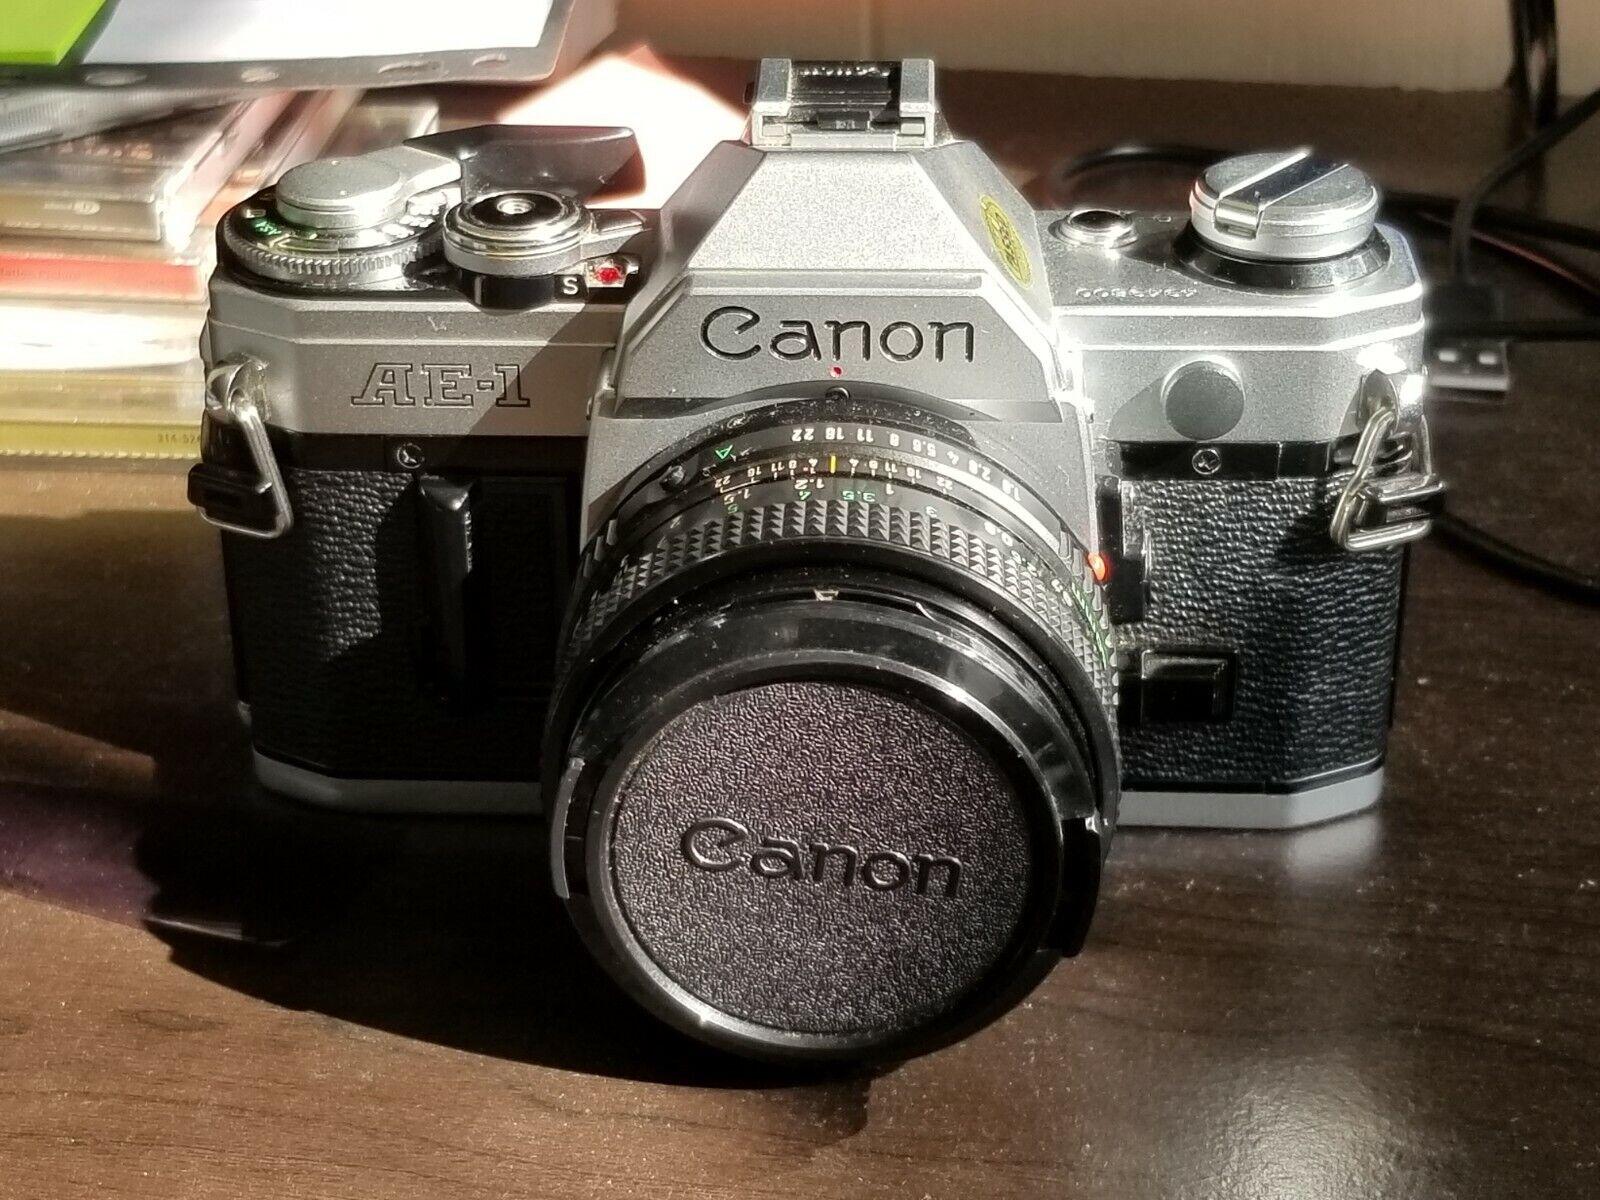 Canon AE-1 Program 35mm SLR Film Camera With 50 Mm Lens Kit - $150.00